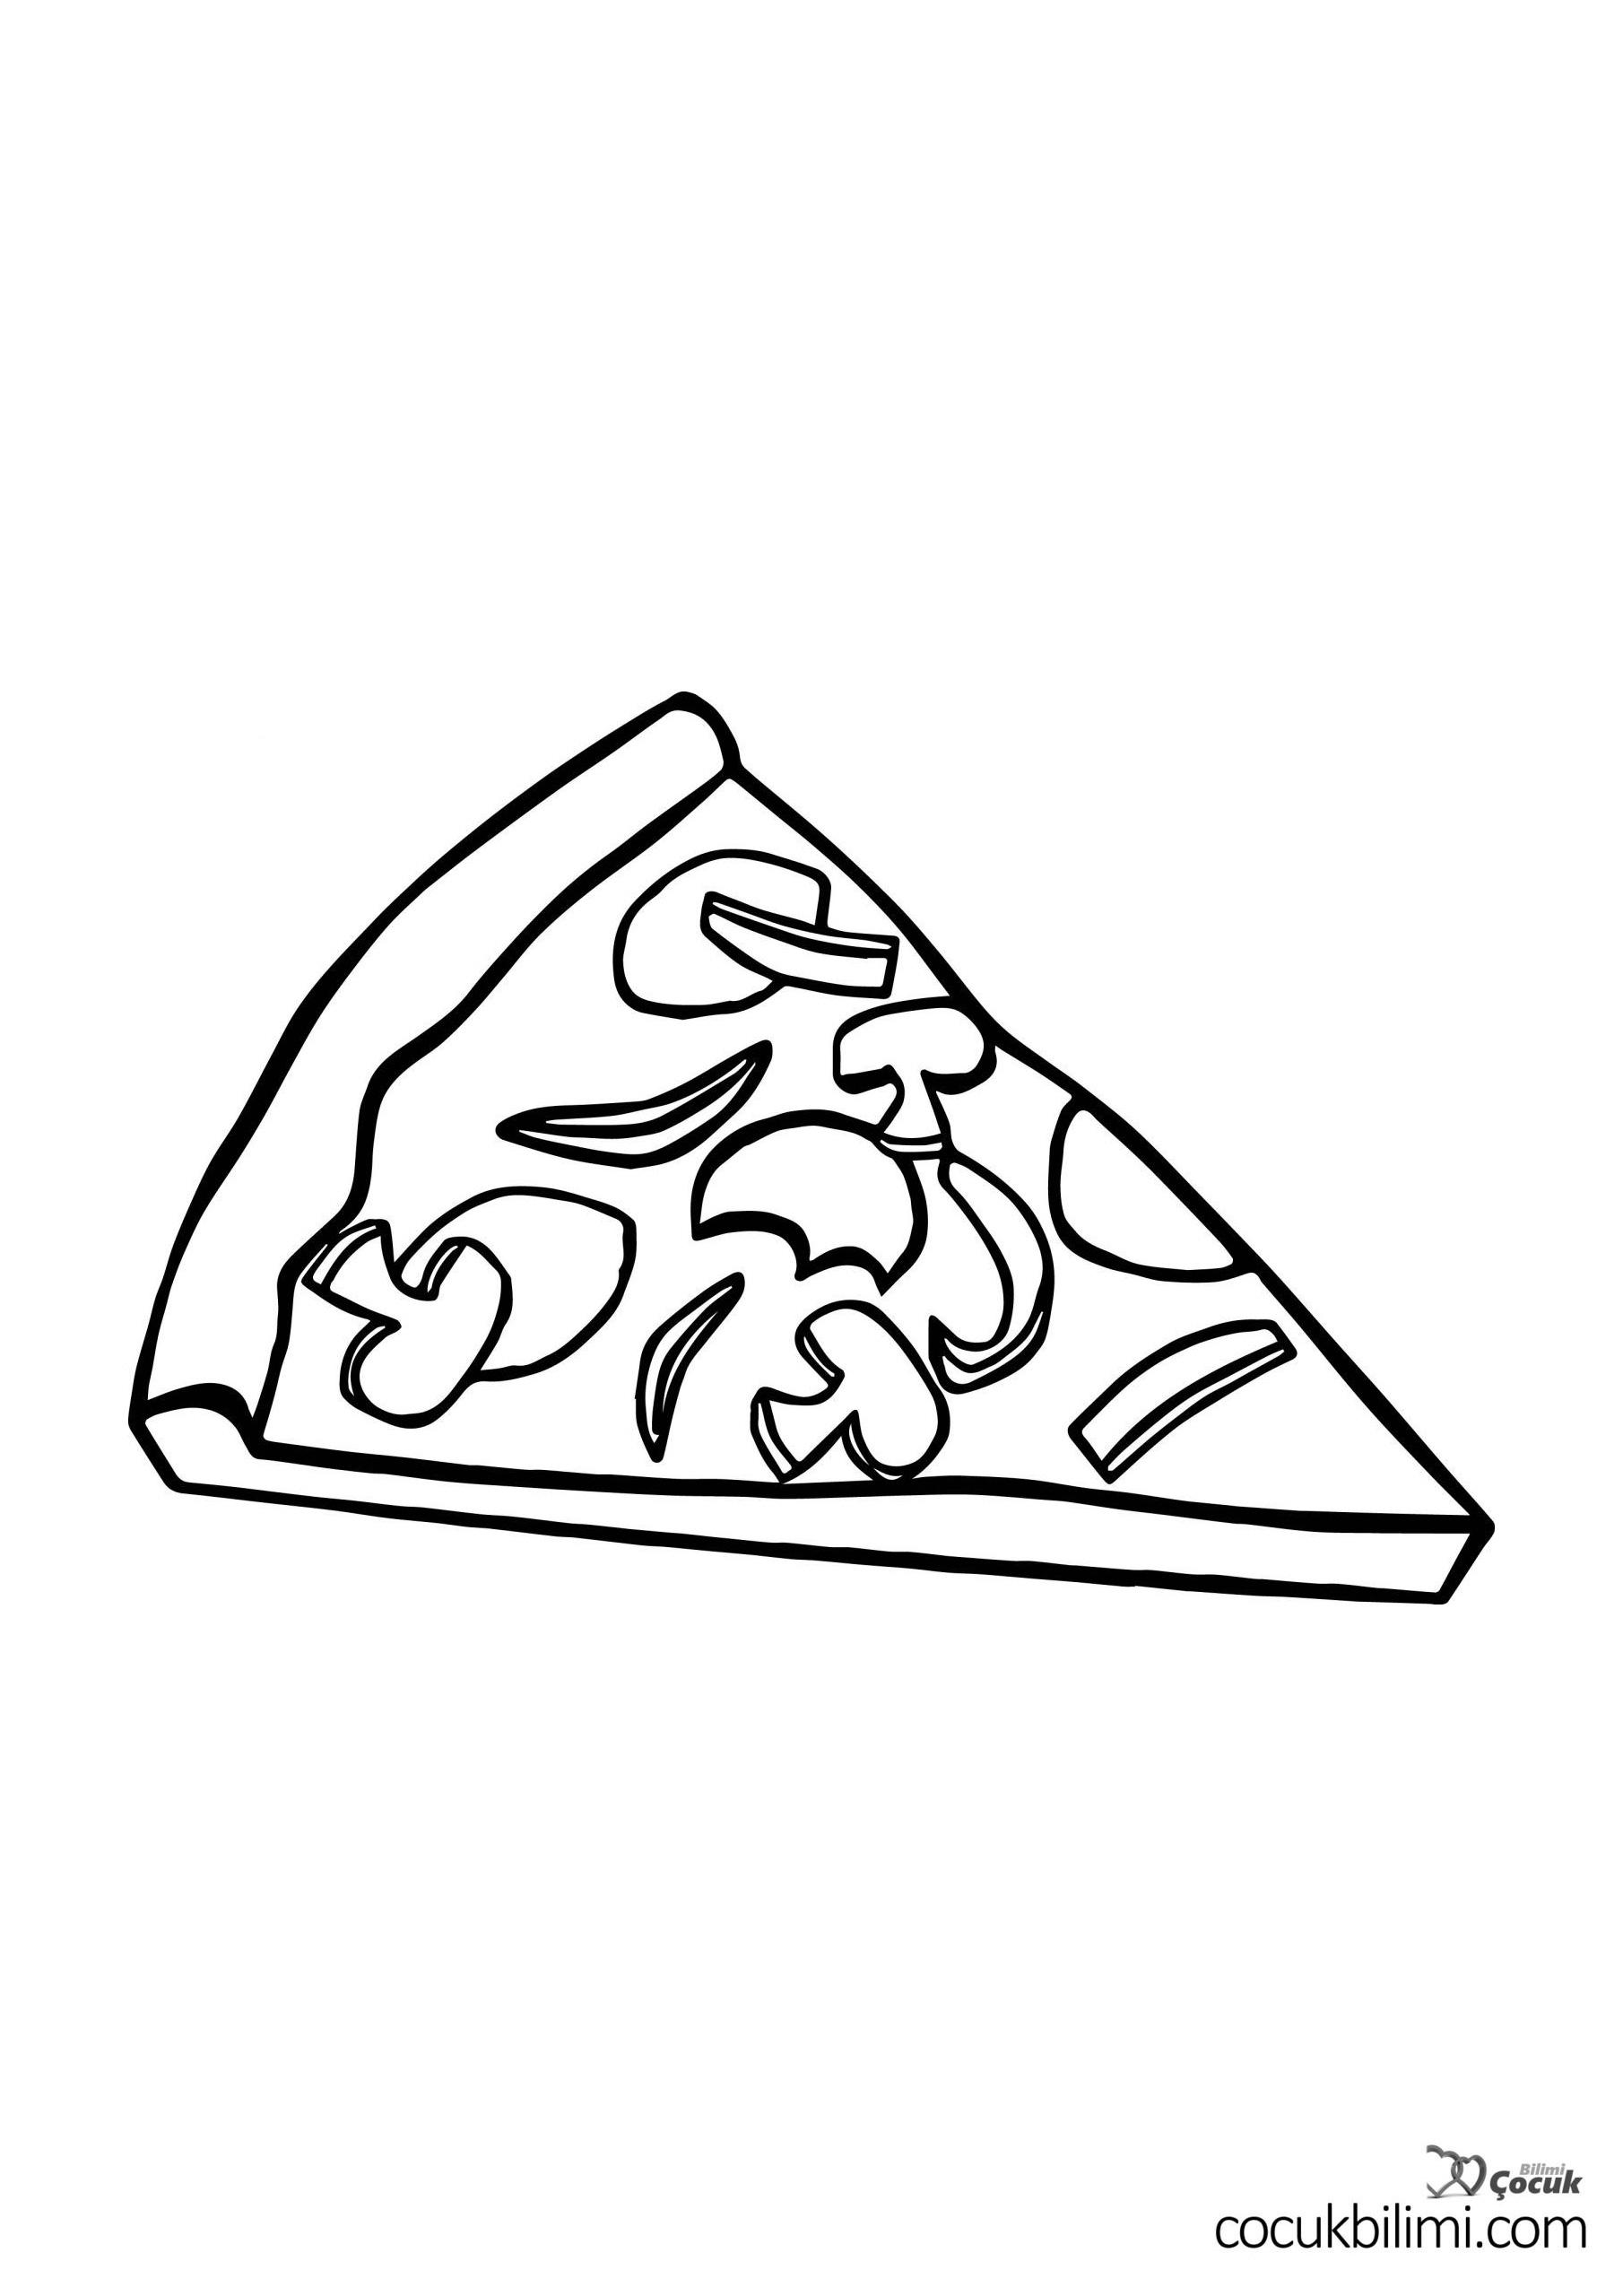 pizza-dilimi-boyama